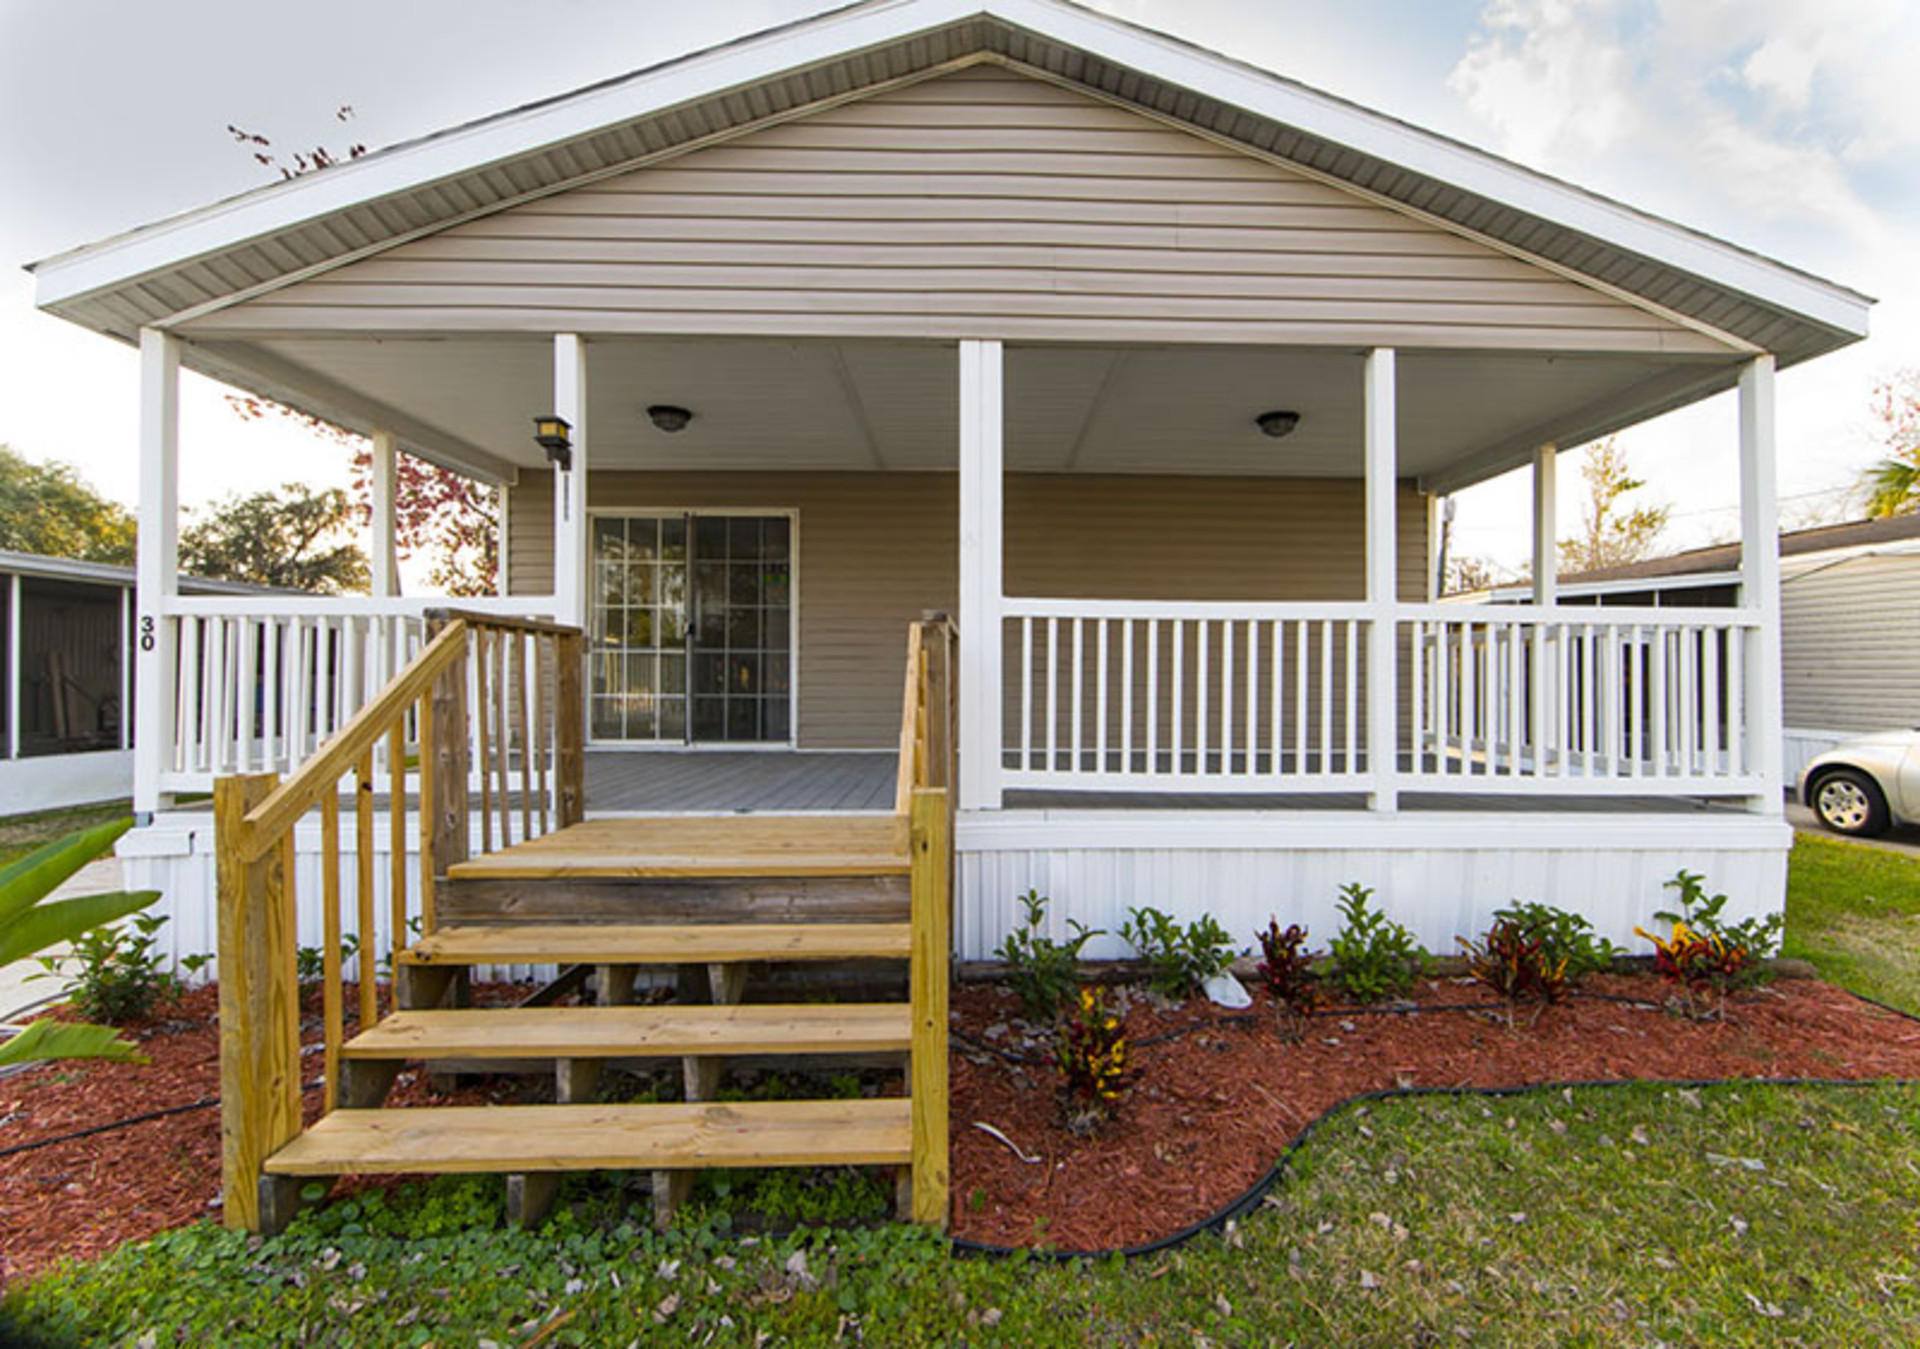 2100 Pleasant Hill Rd #L30, Kissimmee, FL 34746 - 3 Bed, 2